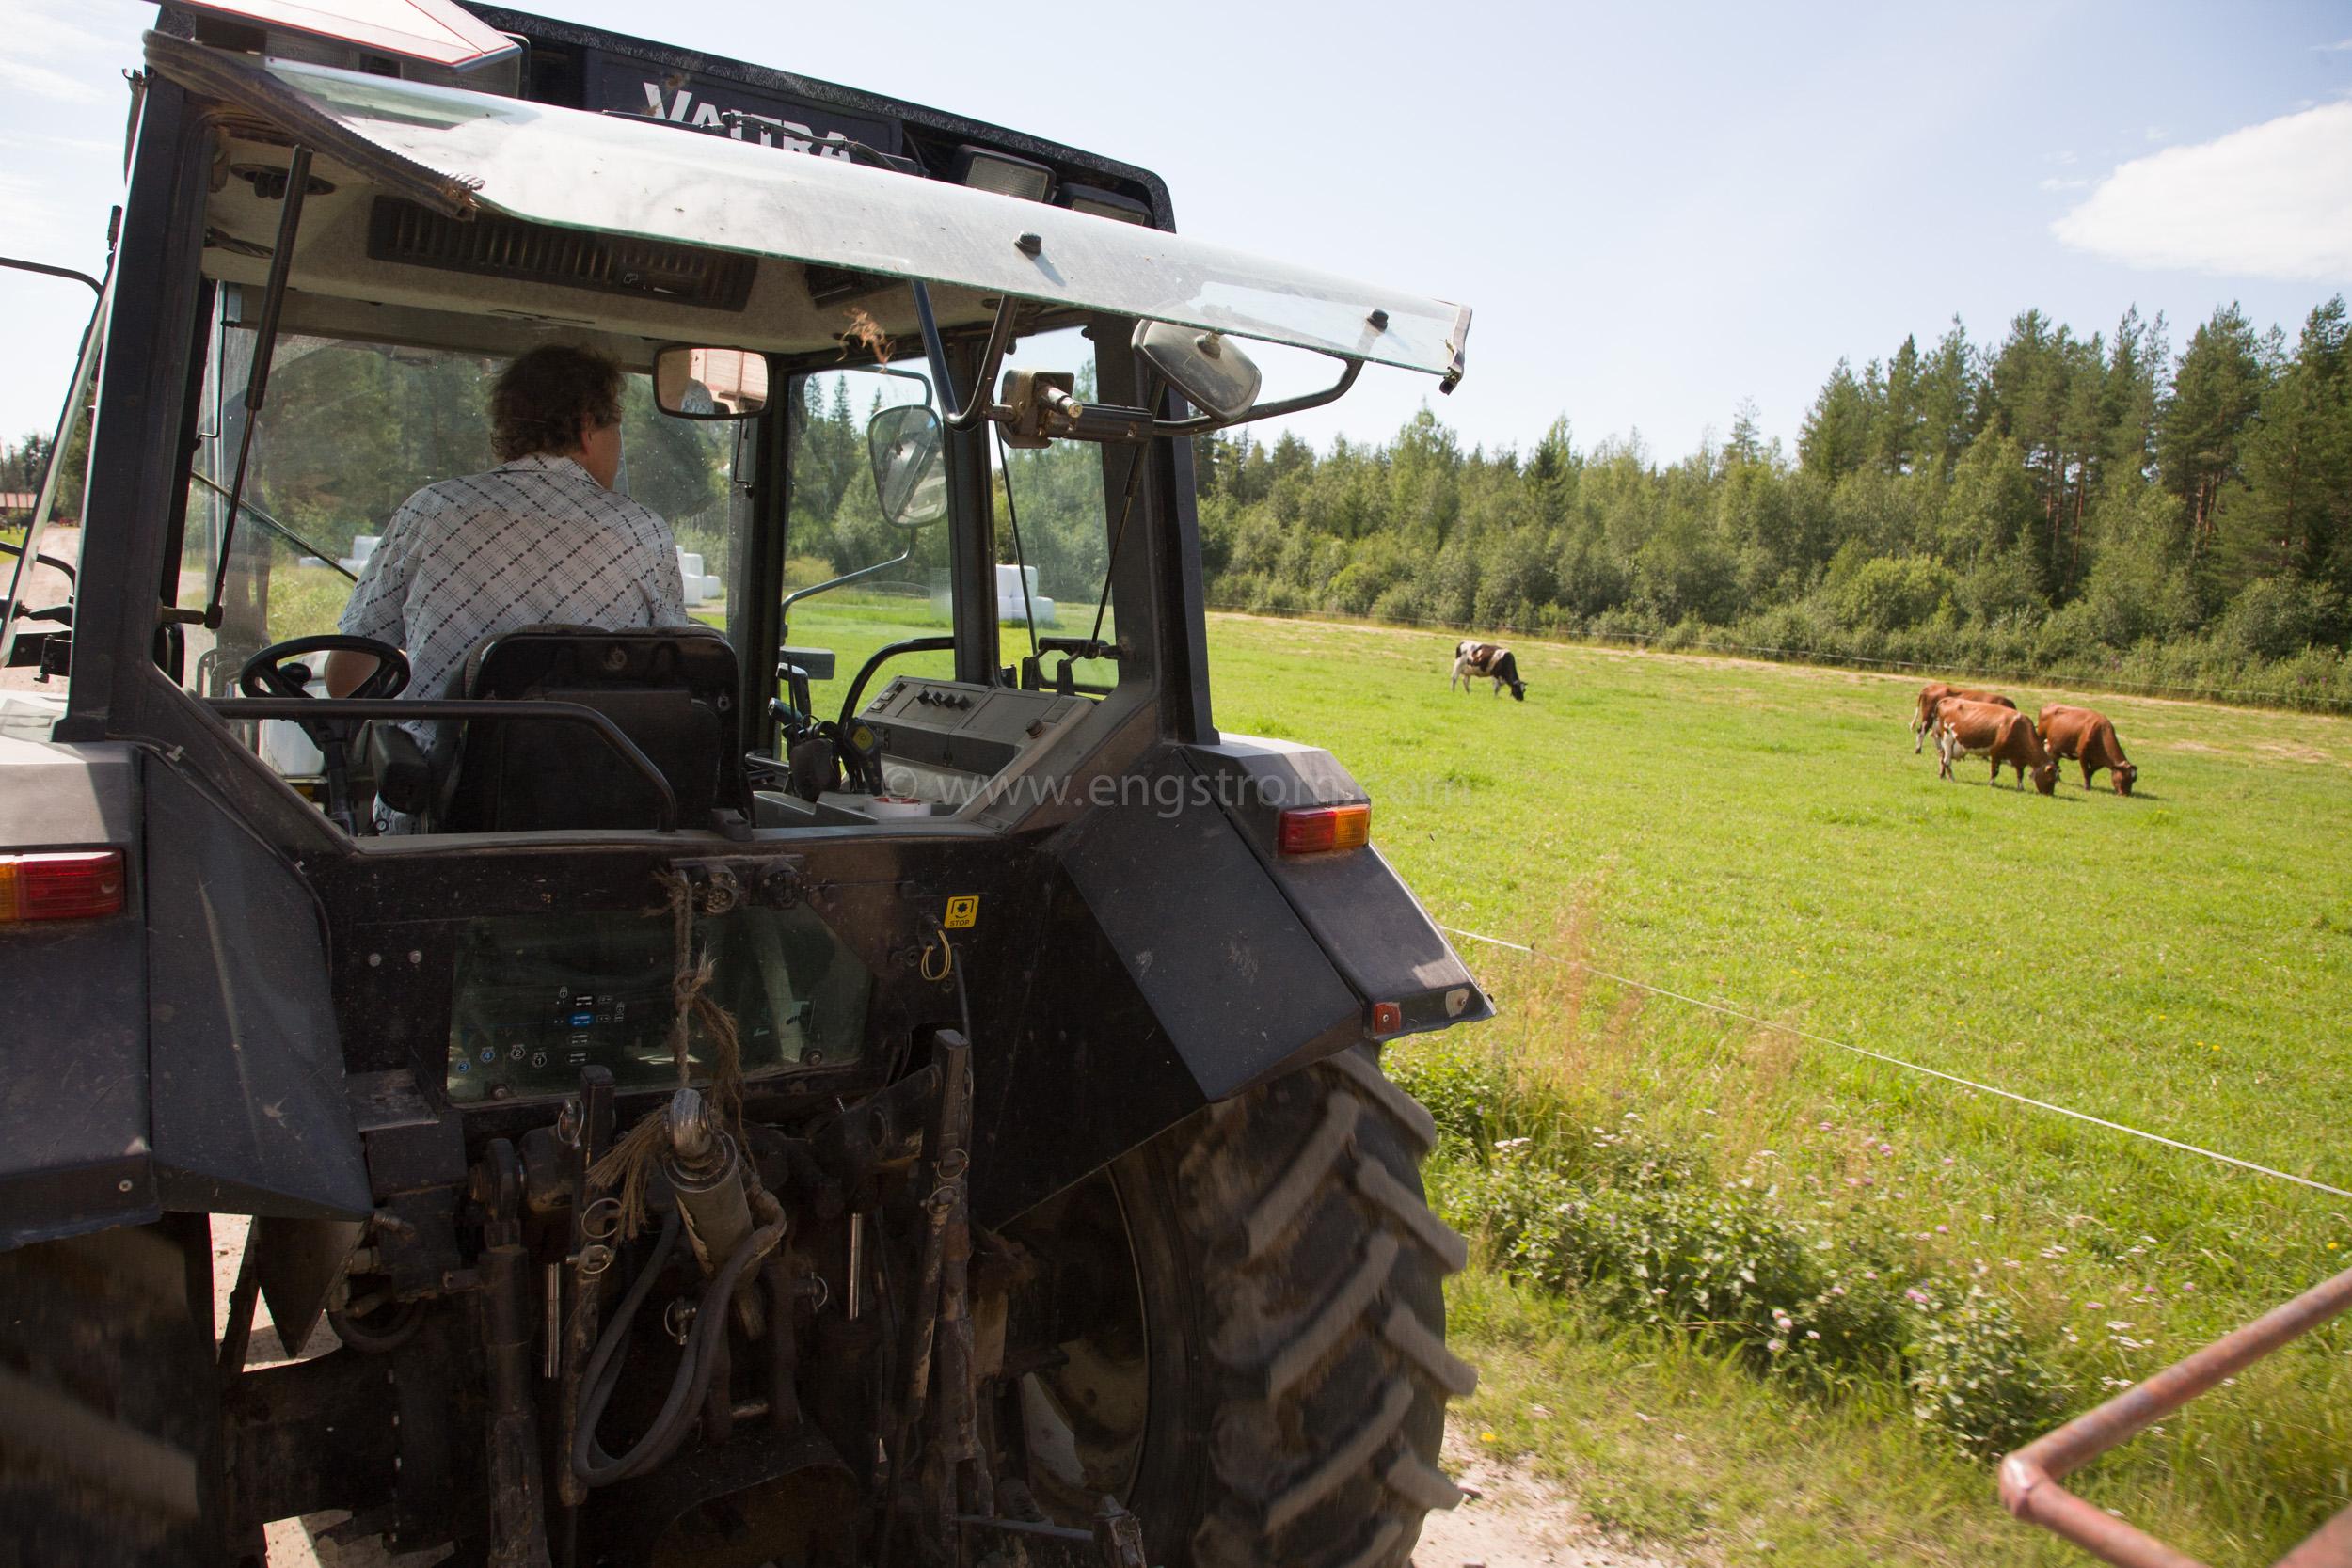 JE_64947, Traktor Valtra på vägen, Jonas Engström